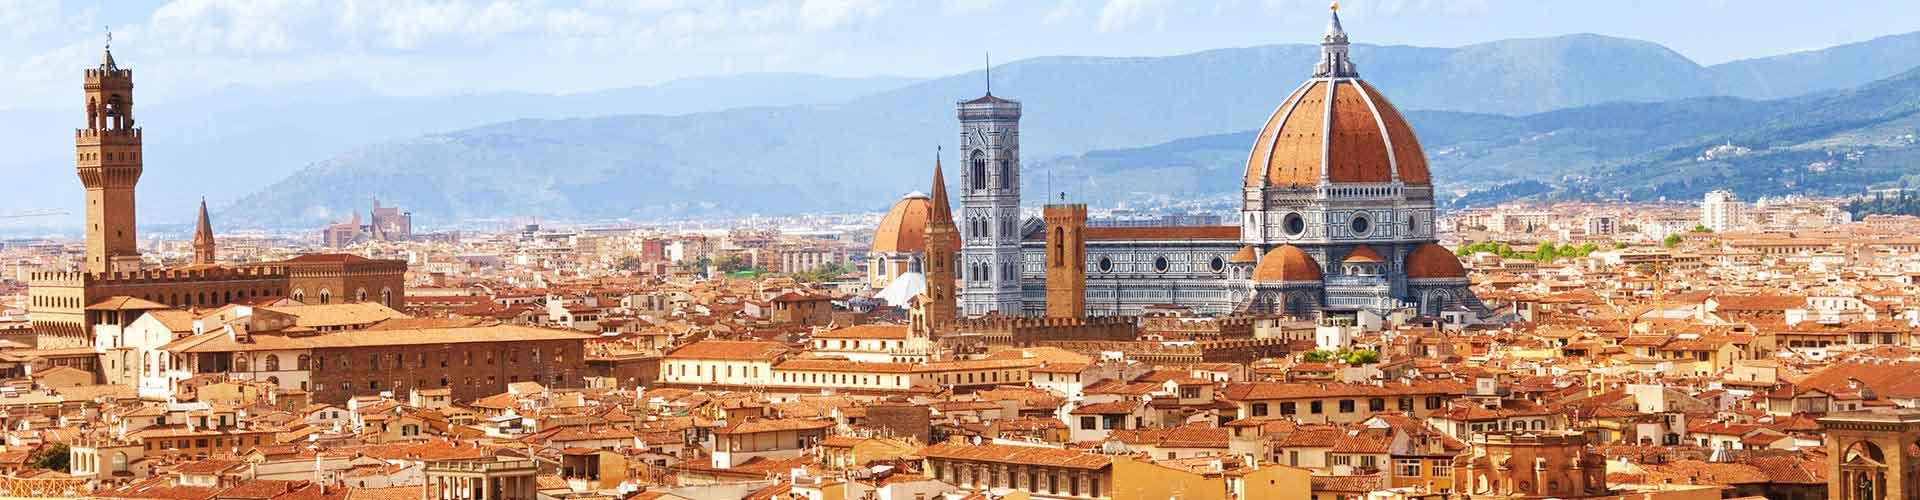 Florencia - Habitaciones en el distrito Le Cure. Mapas de Florencia, Fotos y comentarios de cada Habitación en Florencia.